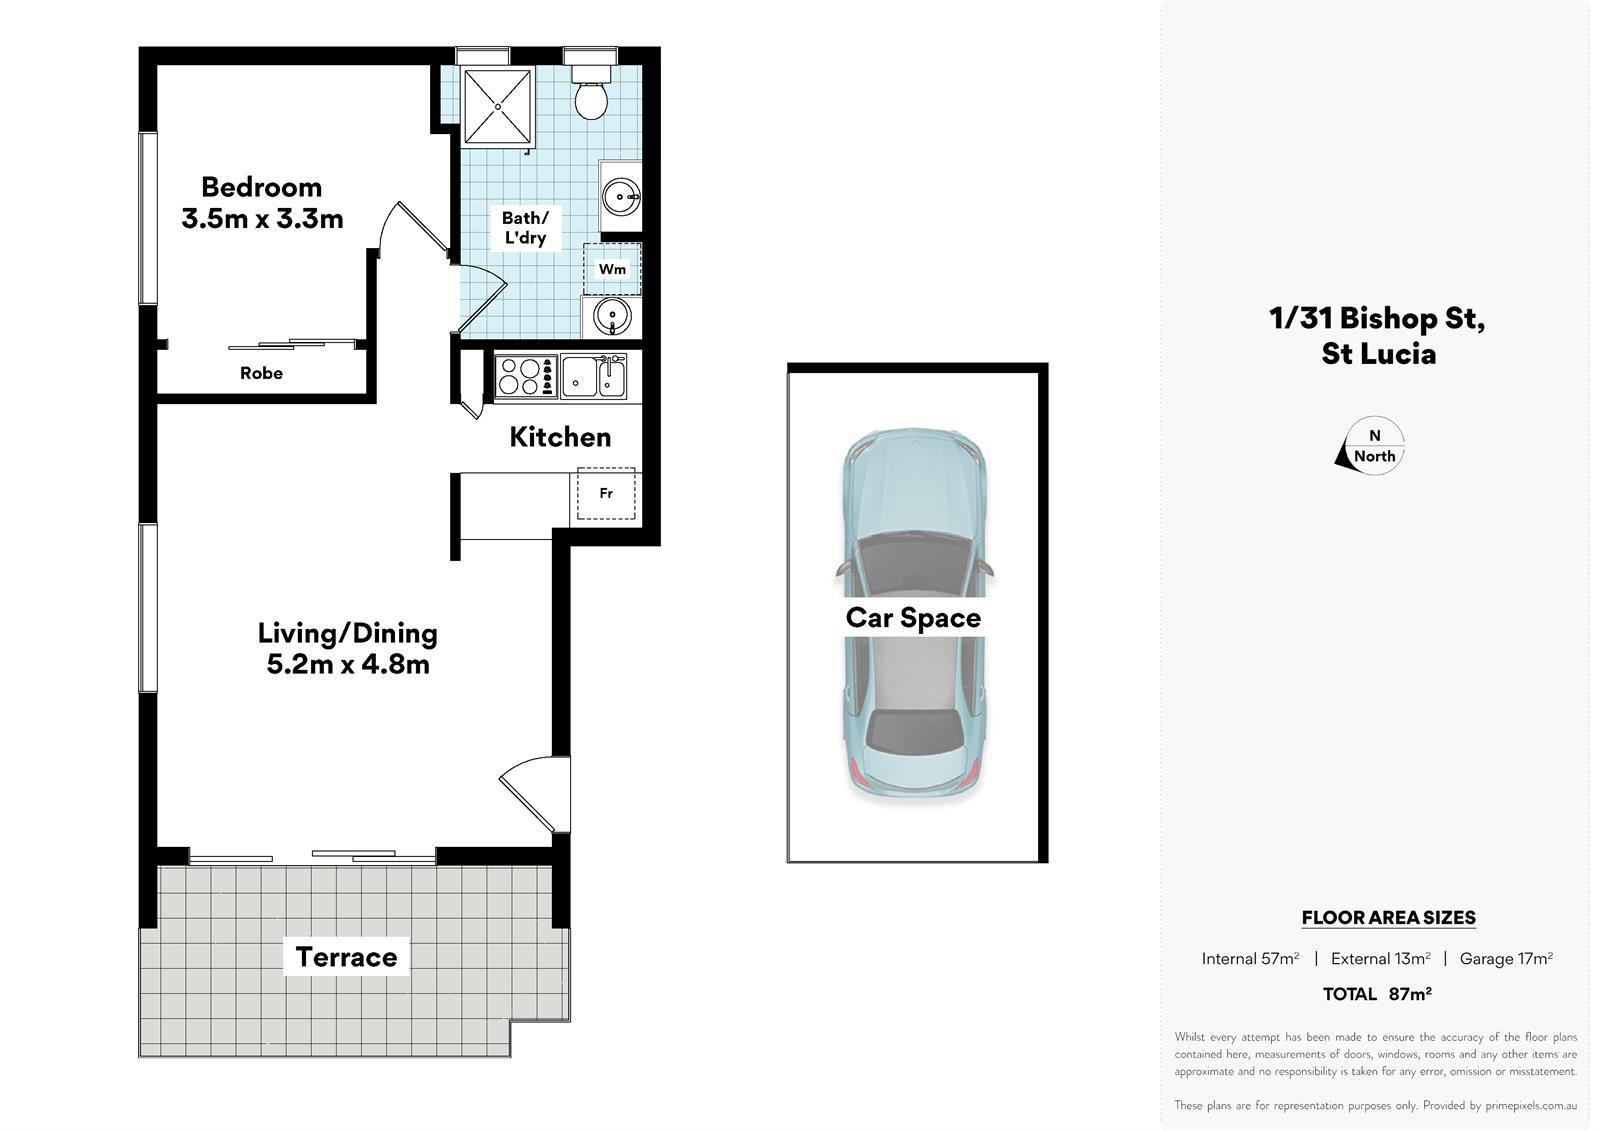 1 / 31 Bishop St ST LUCIA QLD 4067 Floorplan 1